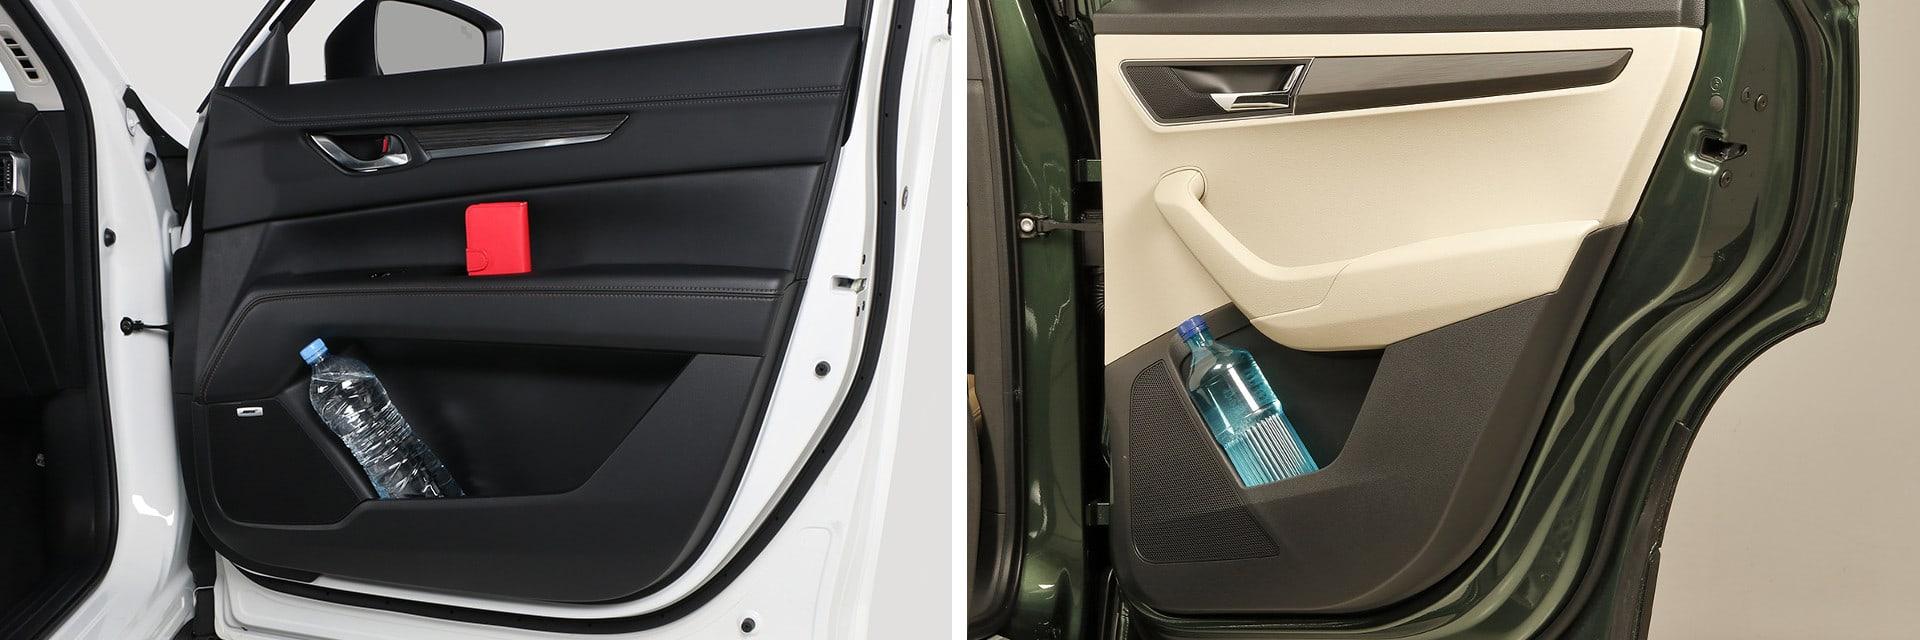 Las puertas de ambos coches disponen de amplios huecos portaobjetos que permiten llevar desde una botella de agua hasta otros más pequeños como carteras, llaves o móviles.